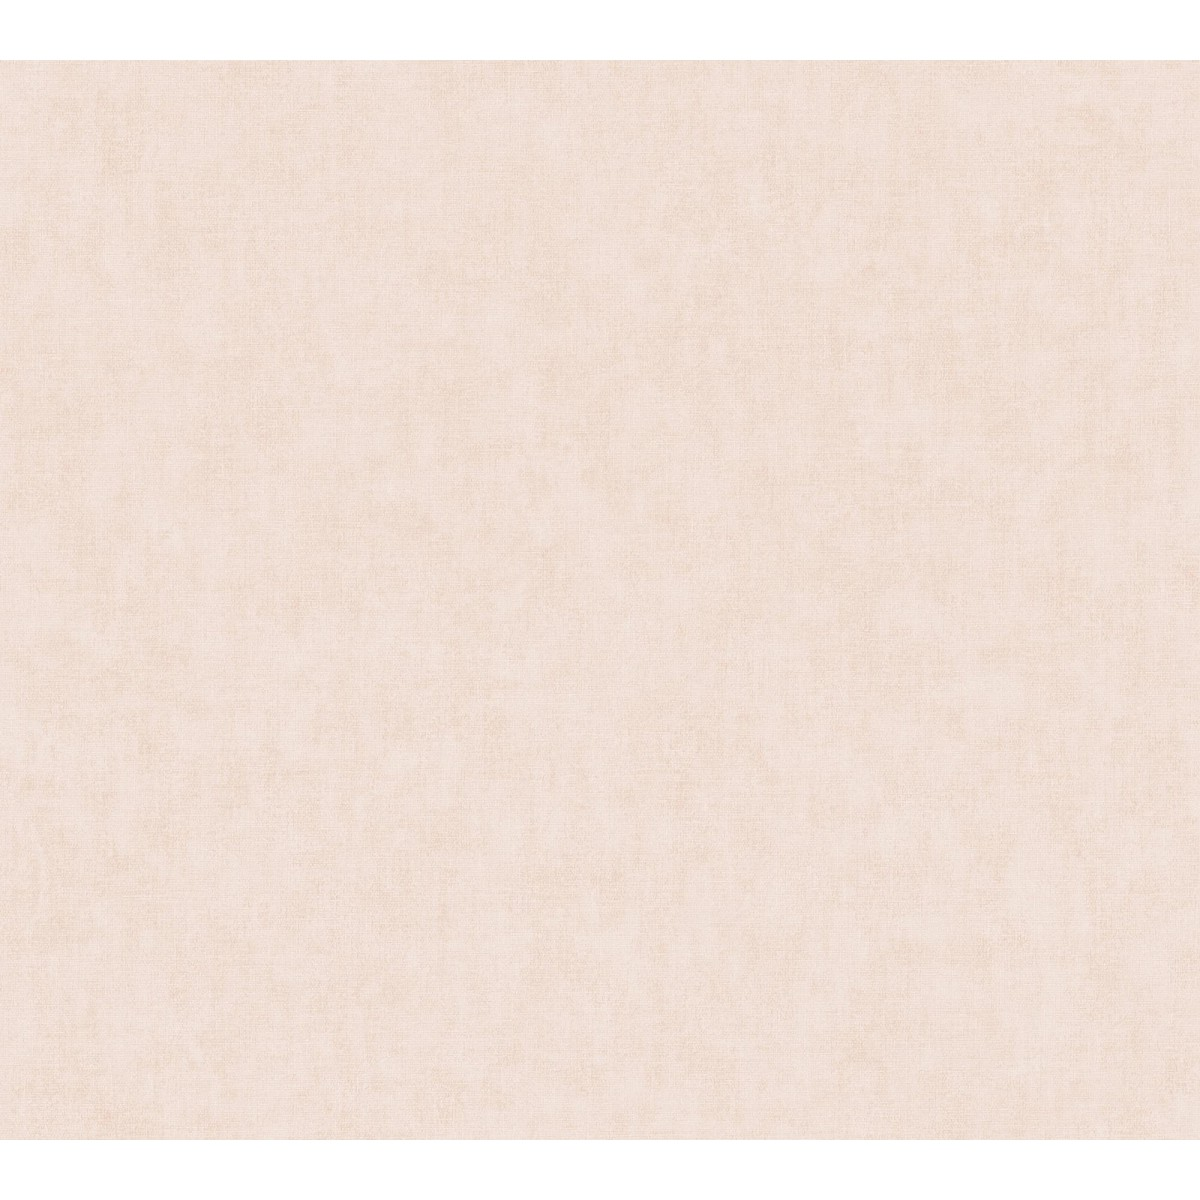 Обои флизелиновые A.S. Création Tapeten Ag Geo Nordic розовые 375353 0.53 м